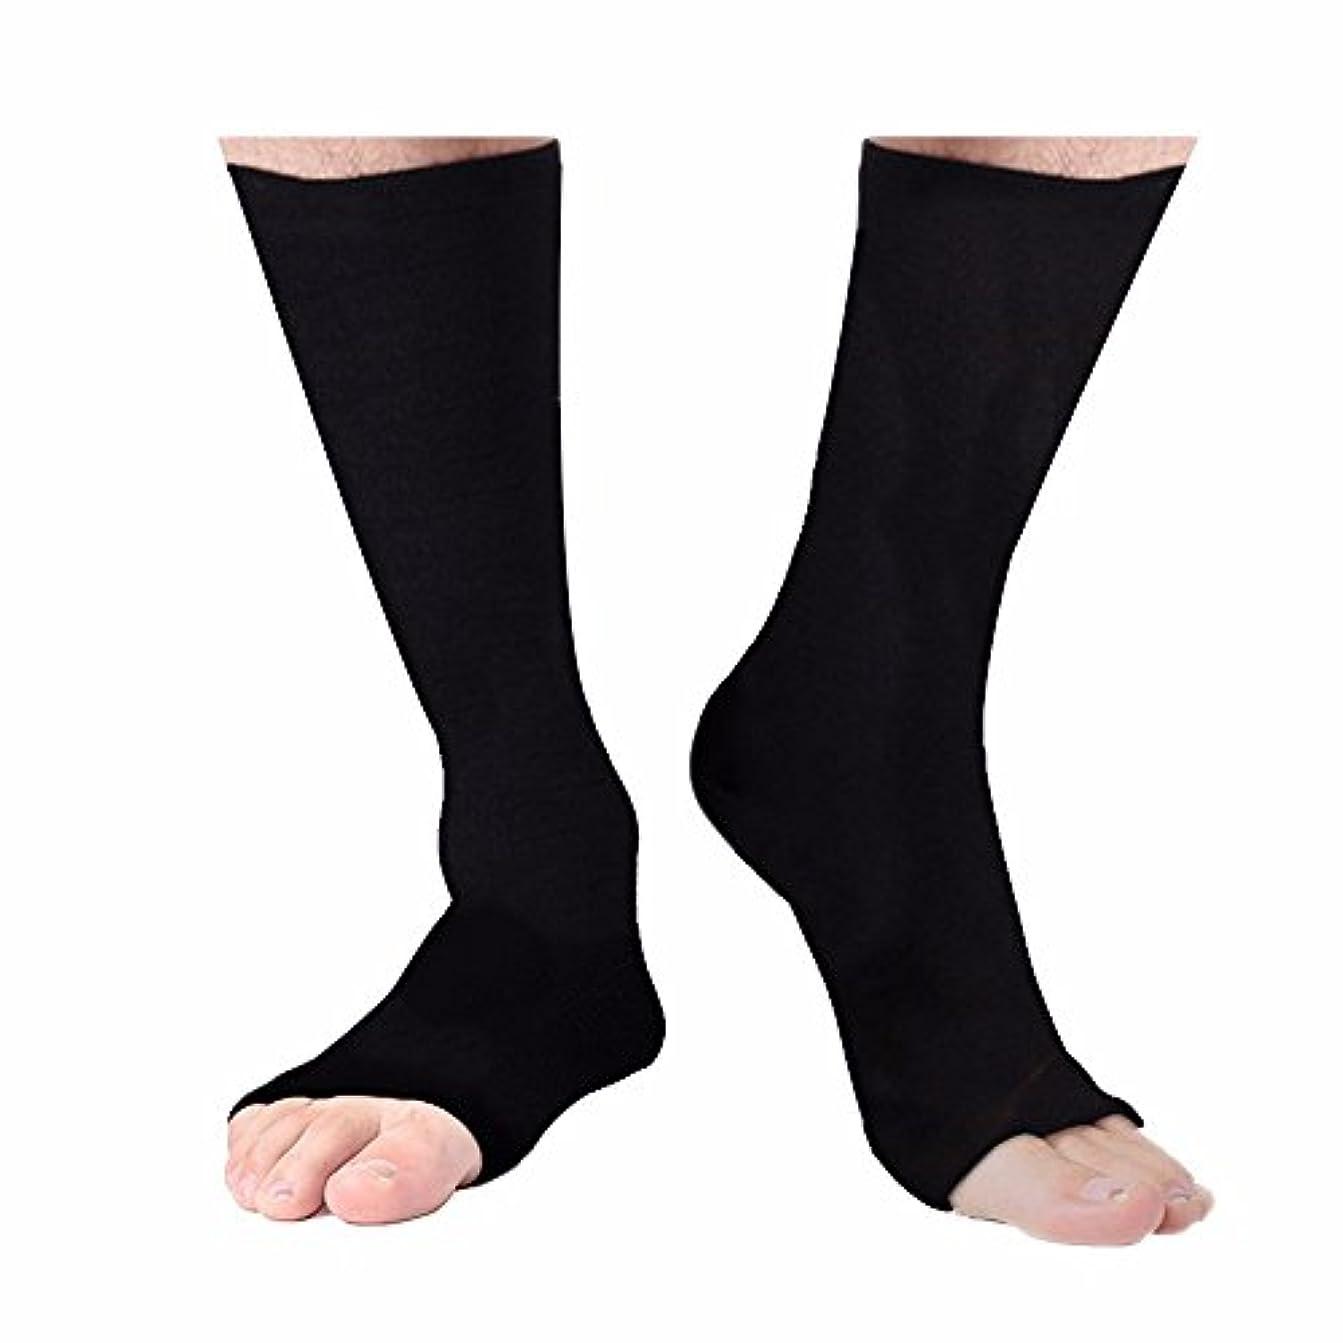 同一性間違っている自己尊重Yartar 着圧ソックス オープントゥ 段階圧力 ハイソックス 膝下 むくみ対策 男女兼用 Open Toe Pressure Socks (ブラック, L:35cm)